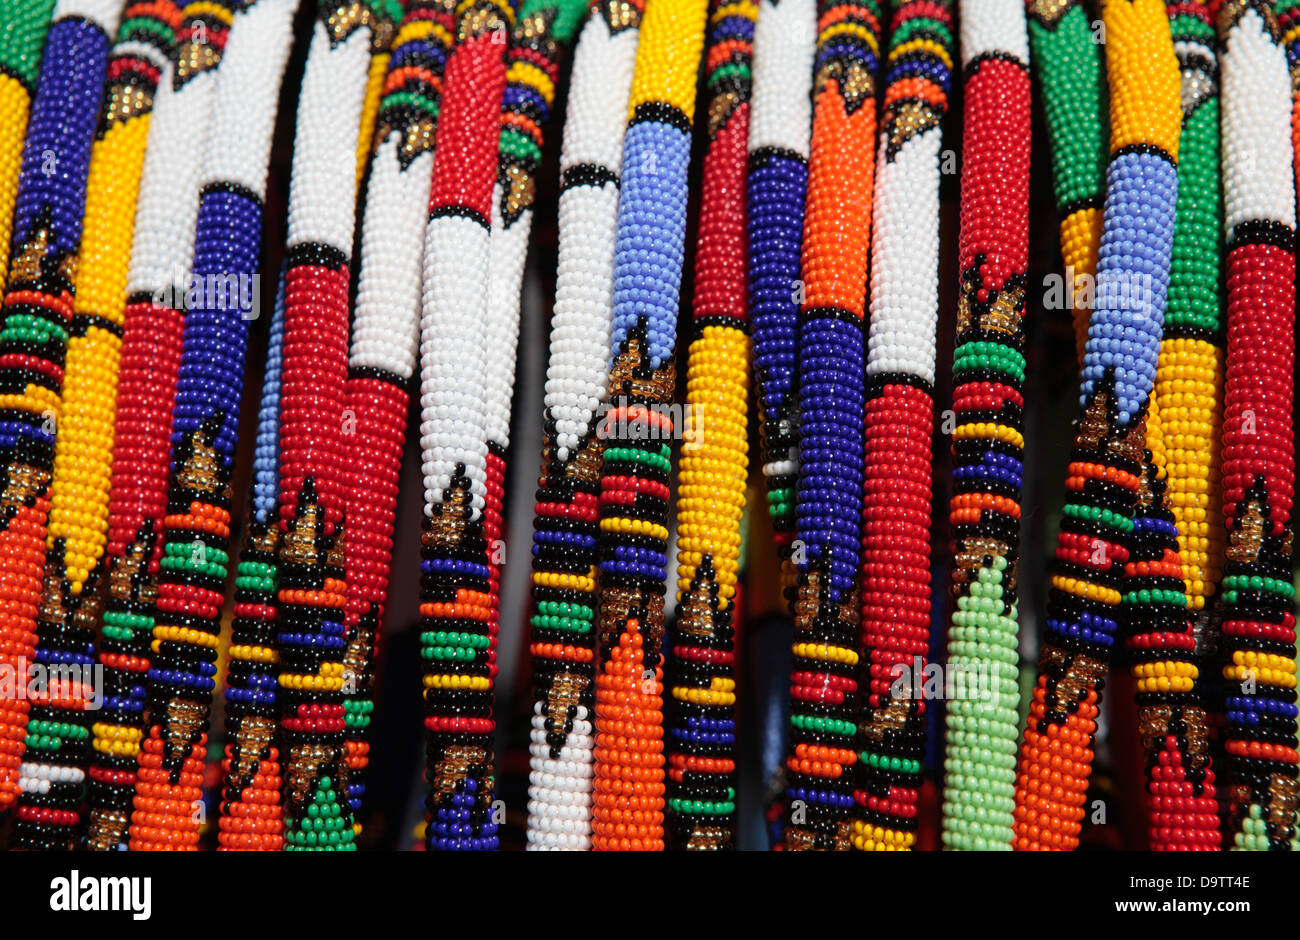 Zulu or Xhosa Beaded Necklace - Stock Image